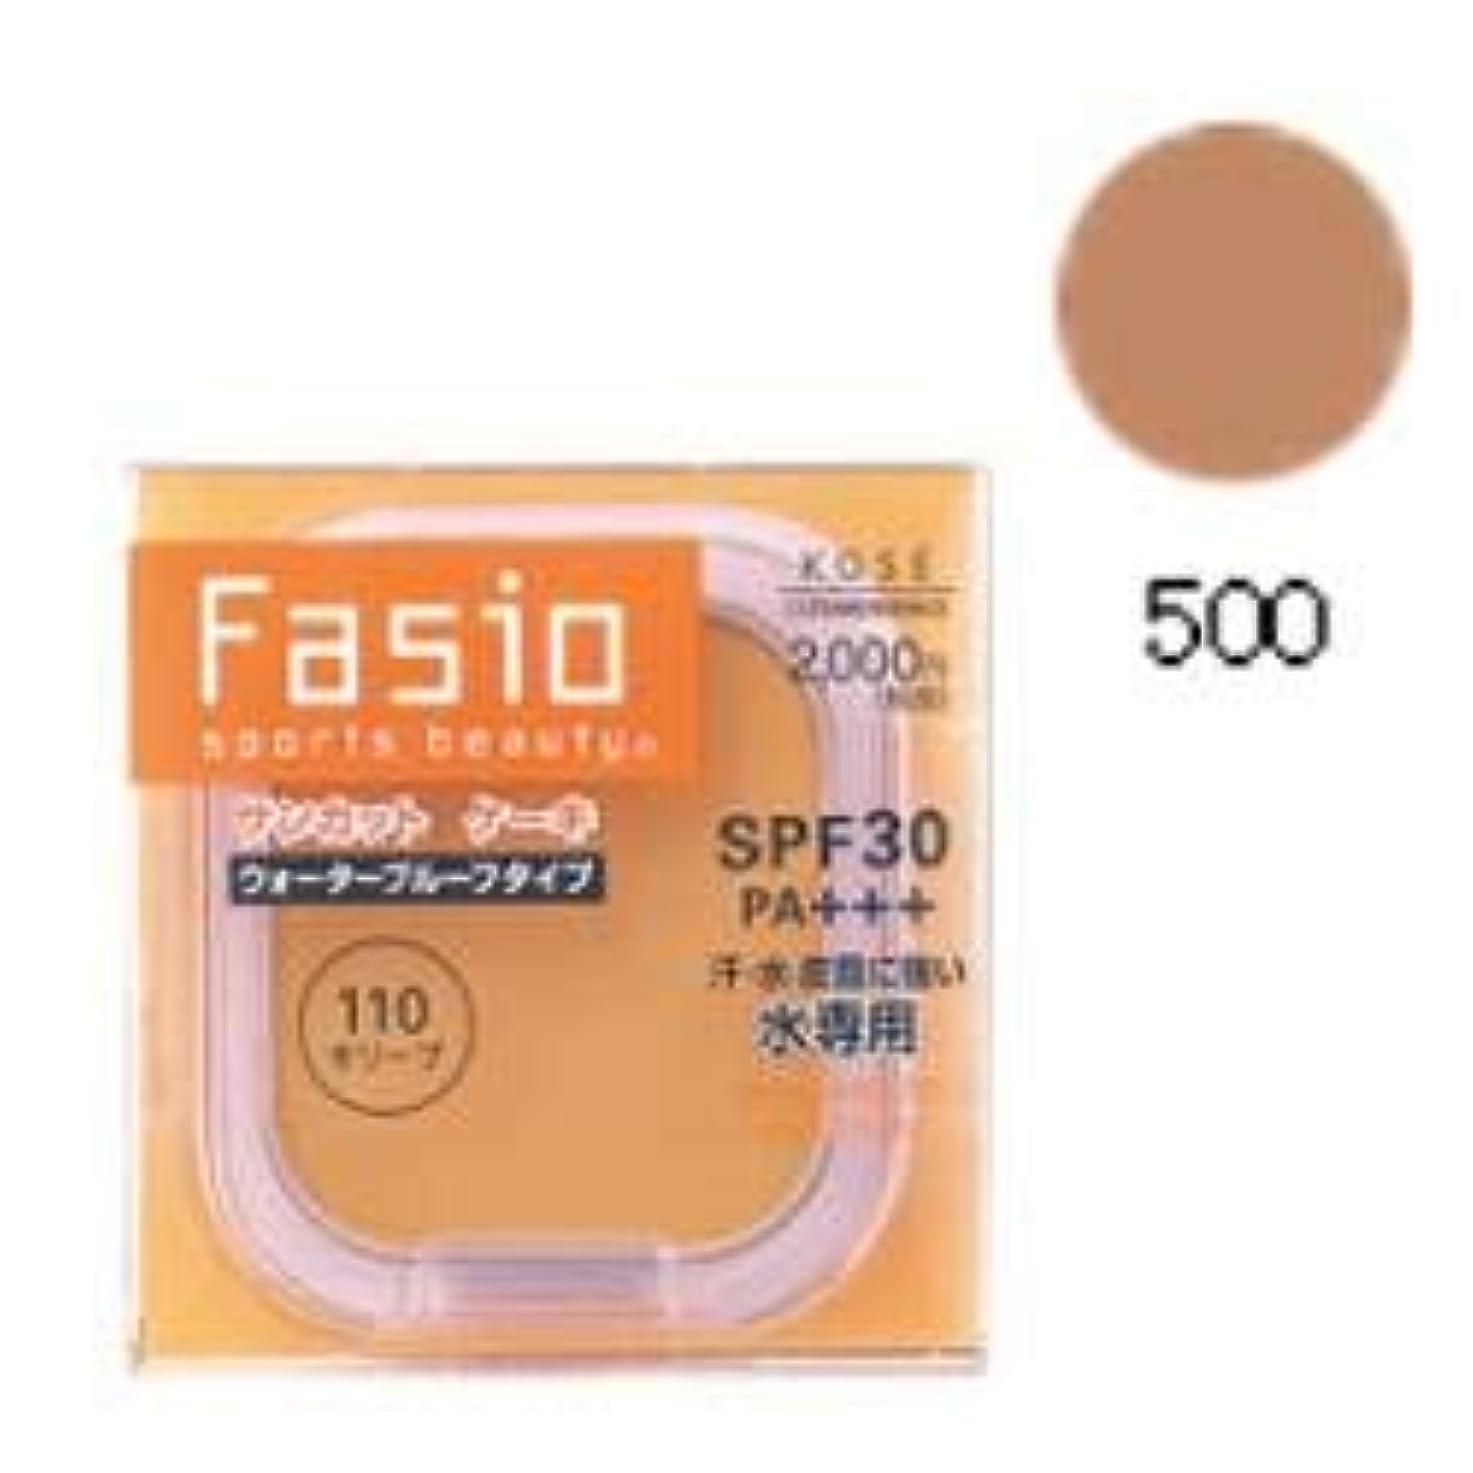 ピッチャーありふれた生命体コーセー Fasio ファシオ サンカット ケーキ 詰め替え用 500